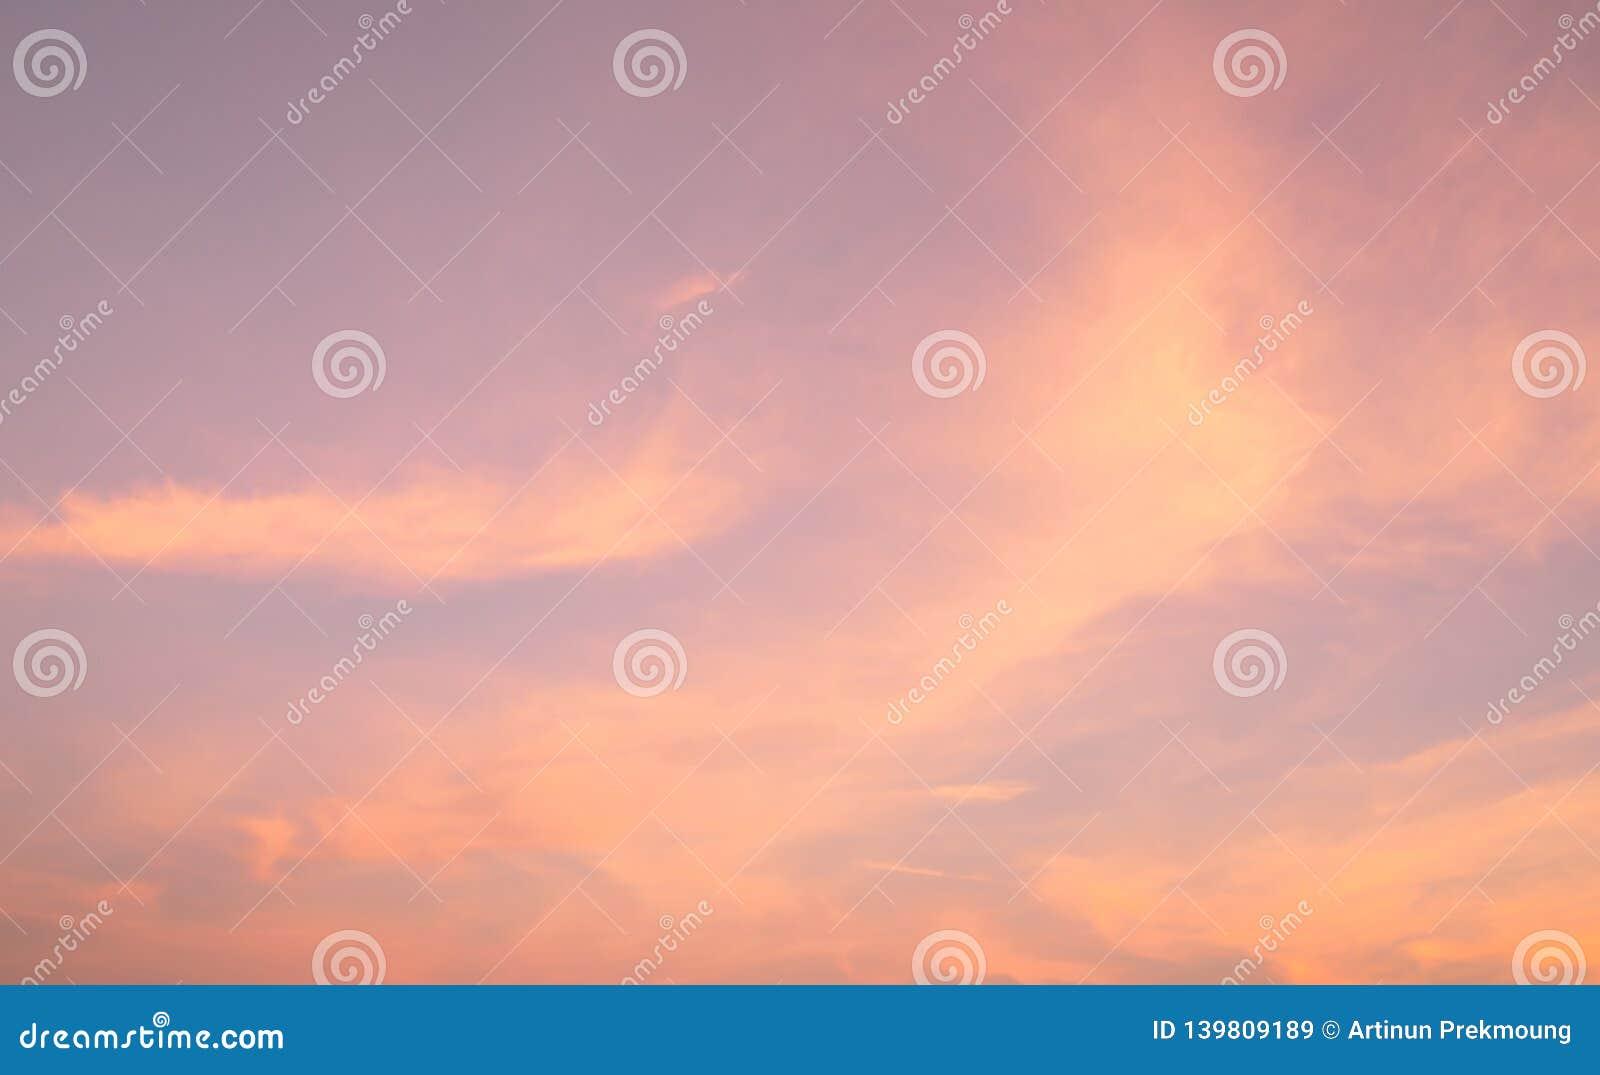 Dramatische roze hemel en wolken abstracte achtergrond Kunstbeeld van roze wolkentextuur Mooie zonsonderganghemel Zonsondergangsa